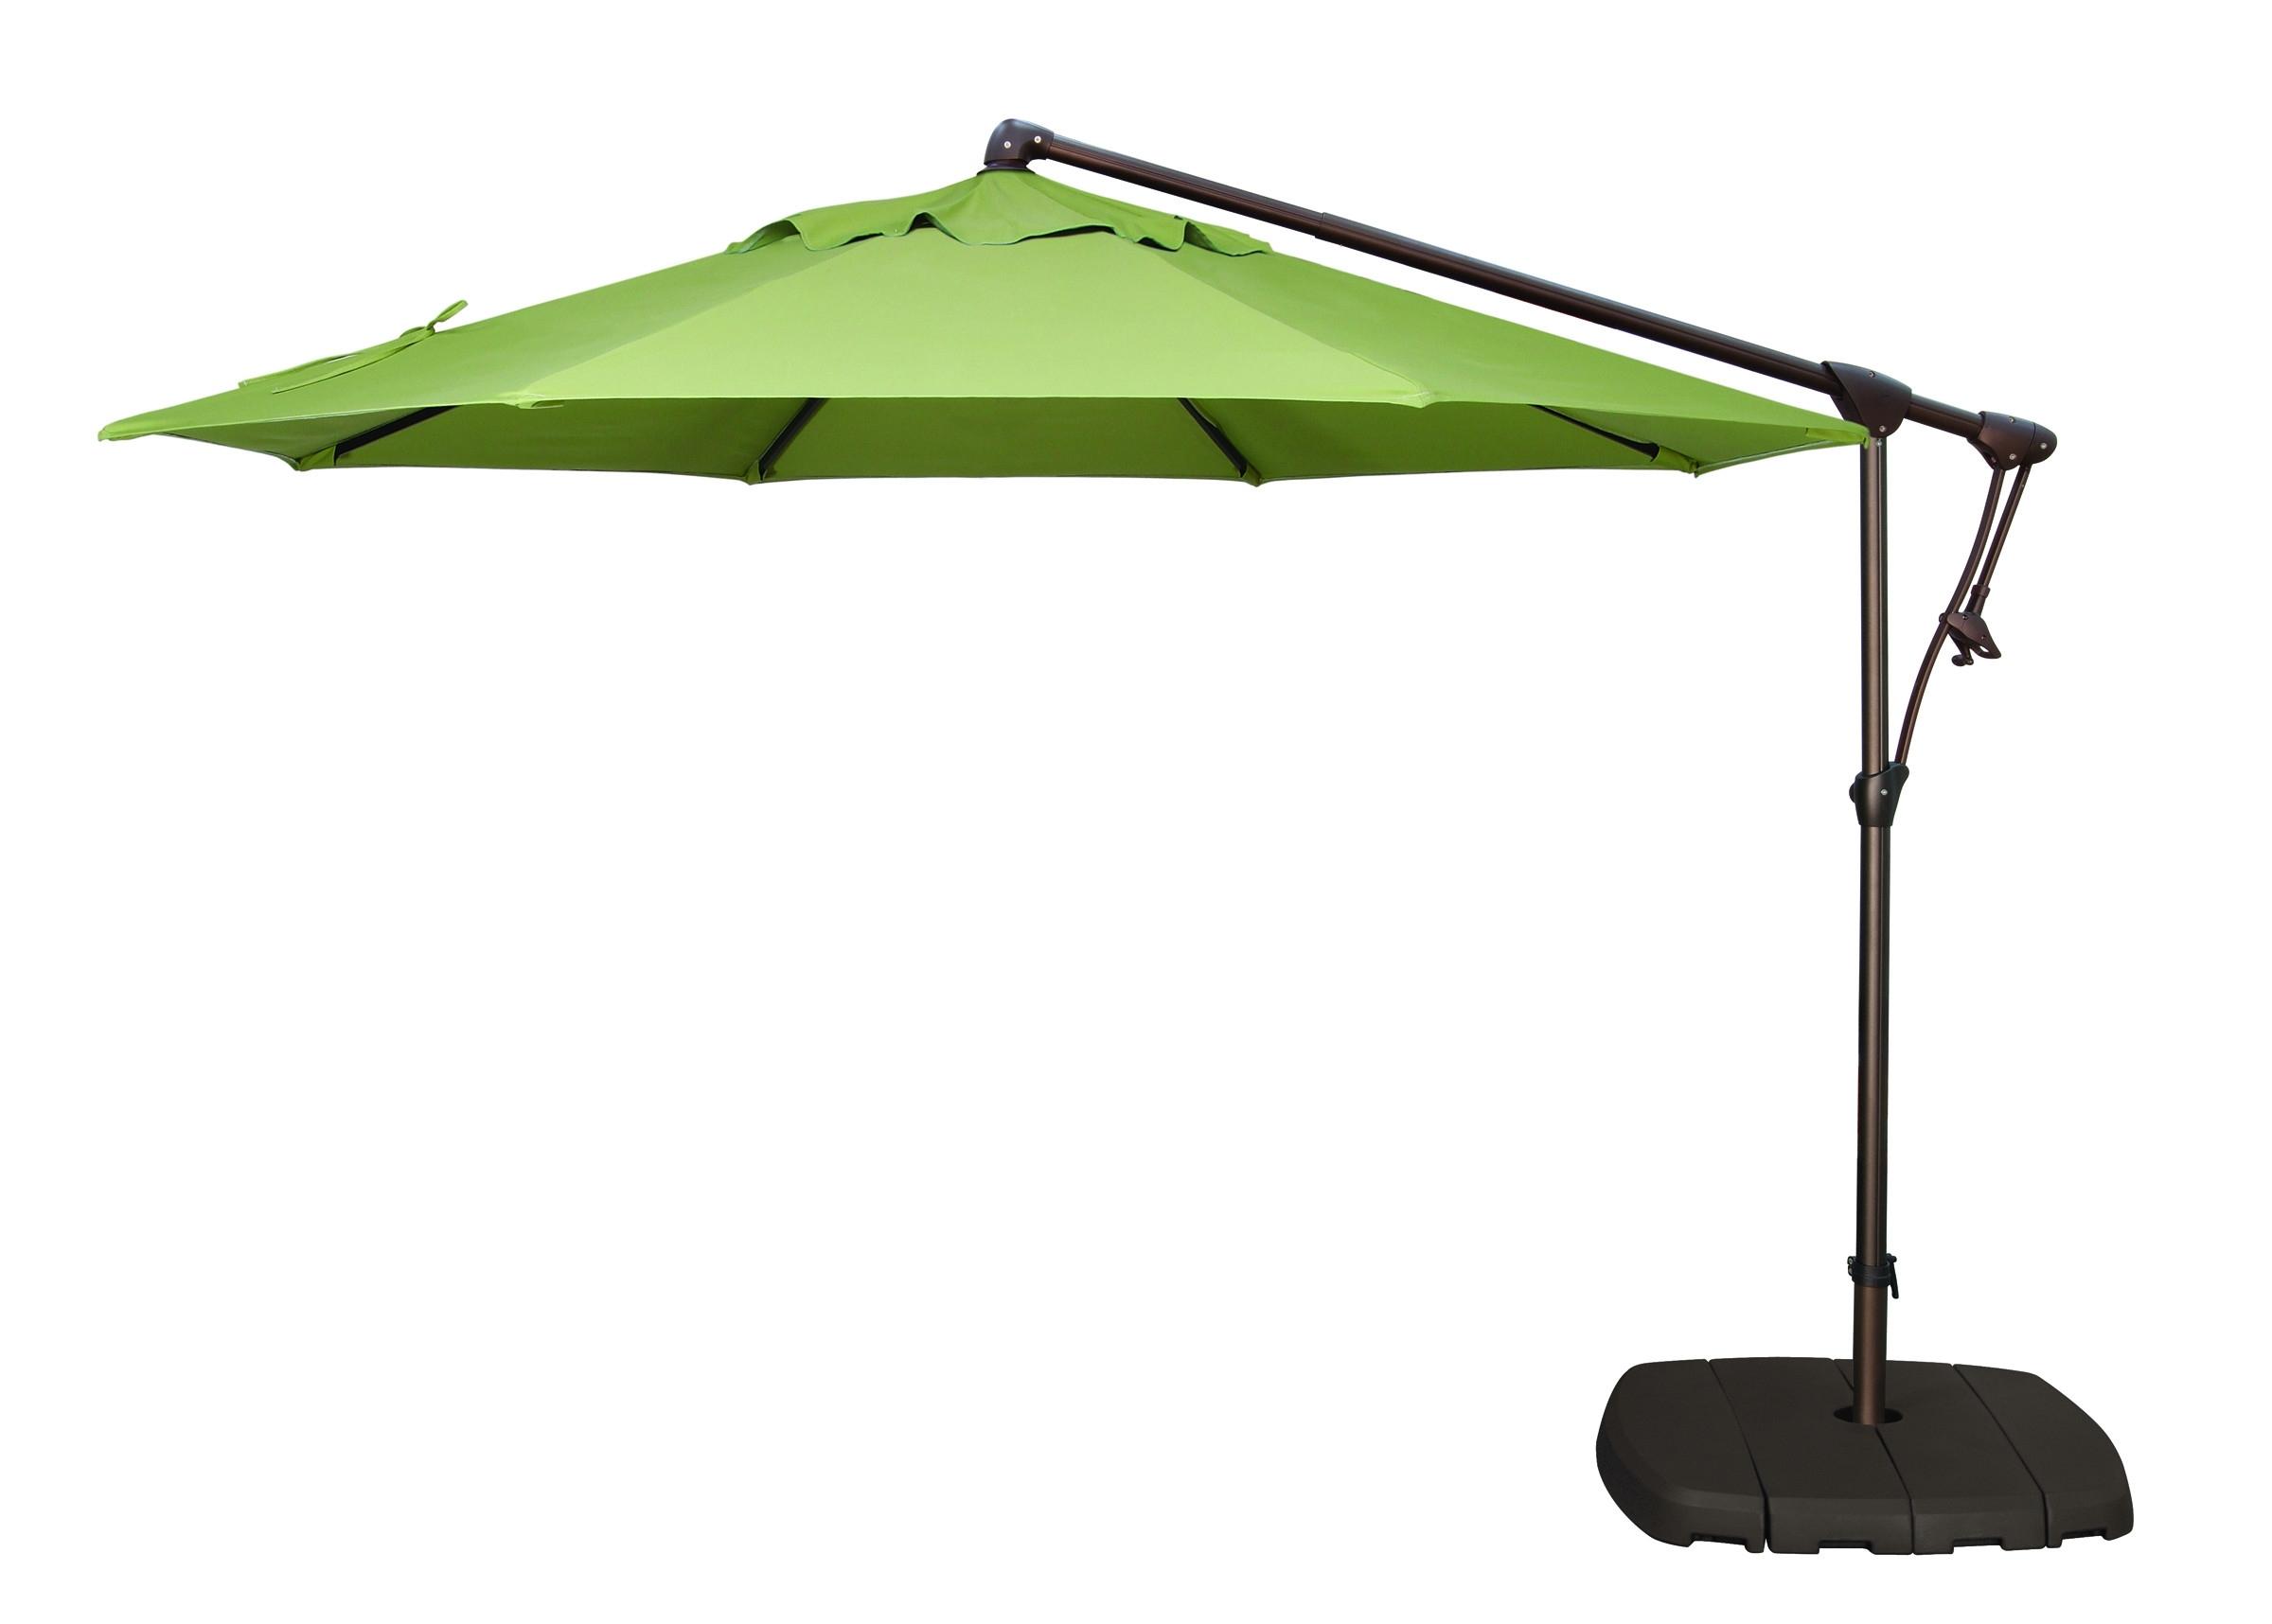 Favorite Walmart Patio Umbrellas Patios Outstanding Umbrella For Stunning Inside Walmart Patio Umbrellas (View 6 of 20)